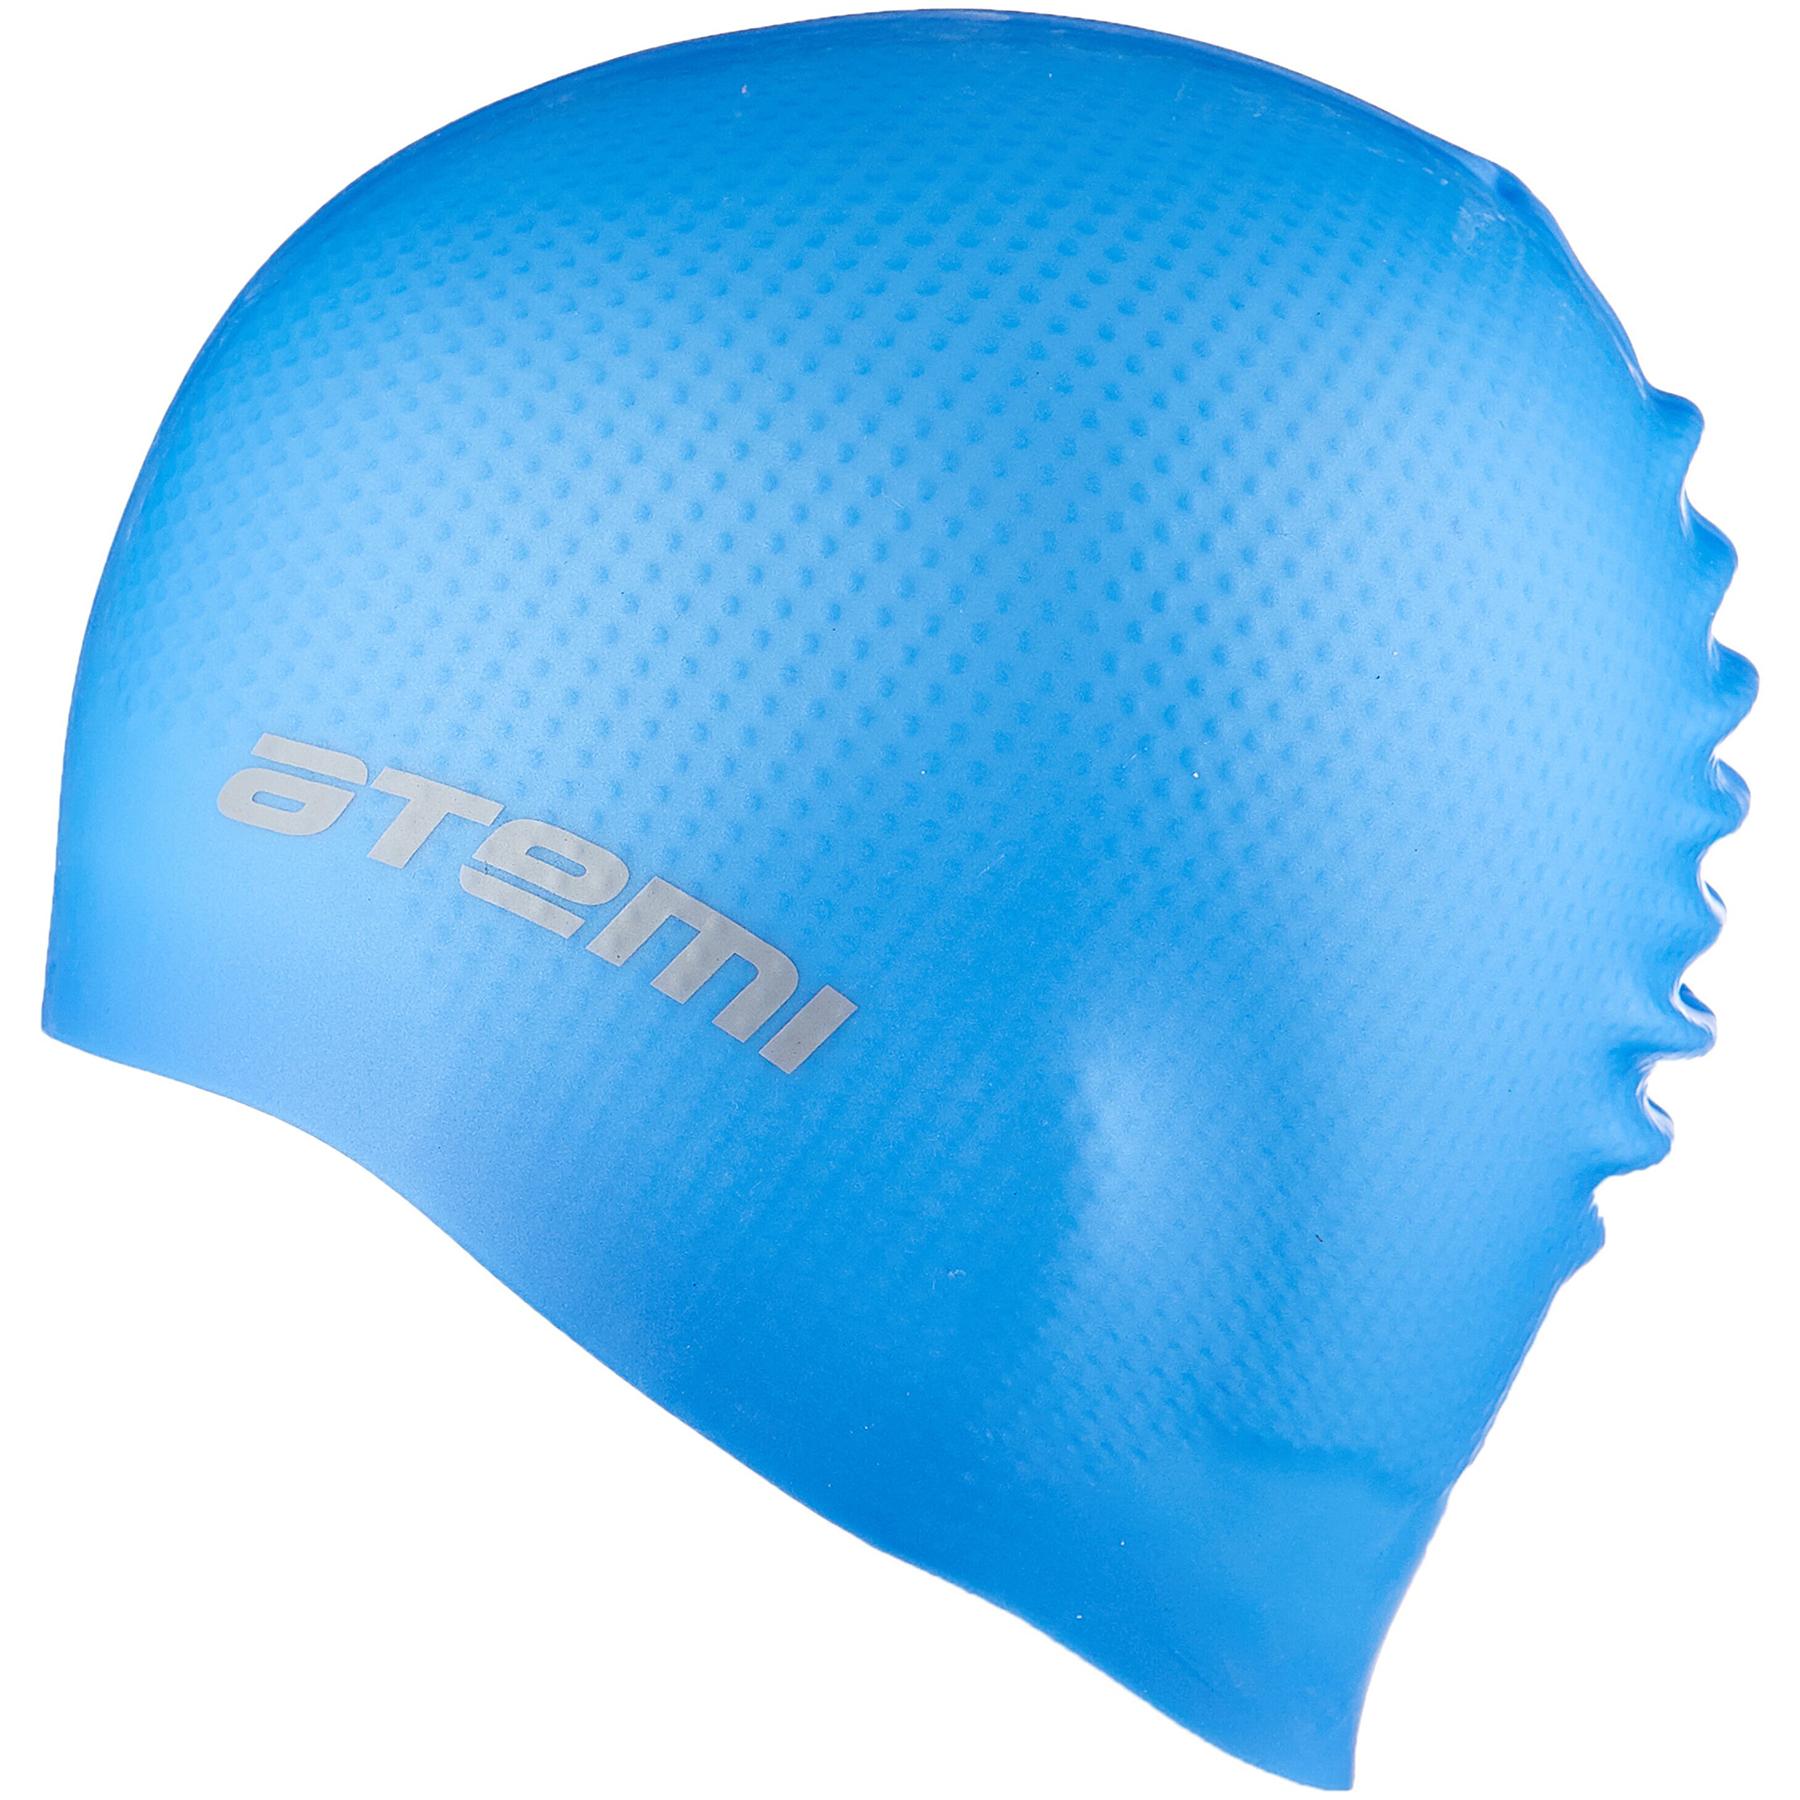 Шапочка АТ DC 501 силикон массажная голубая